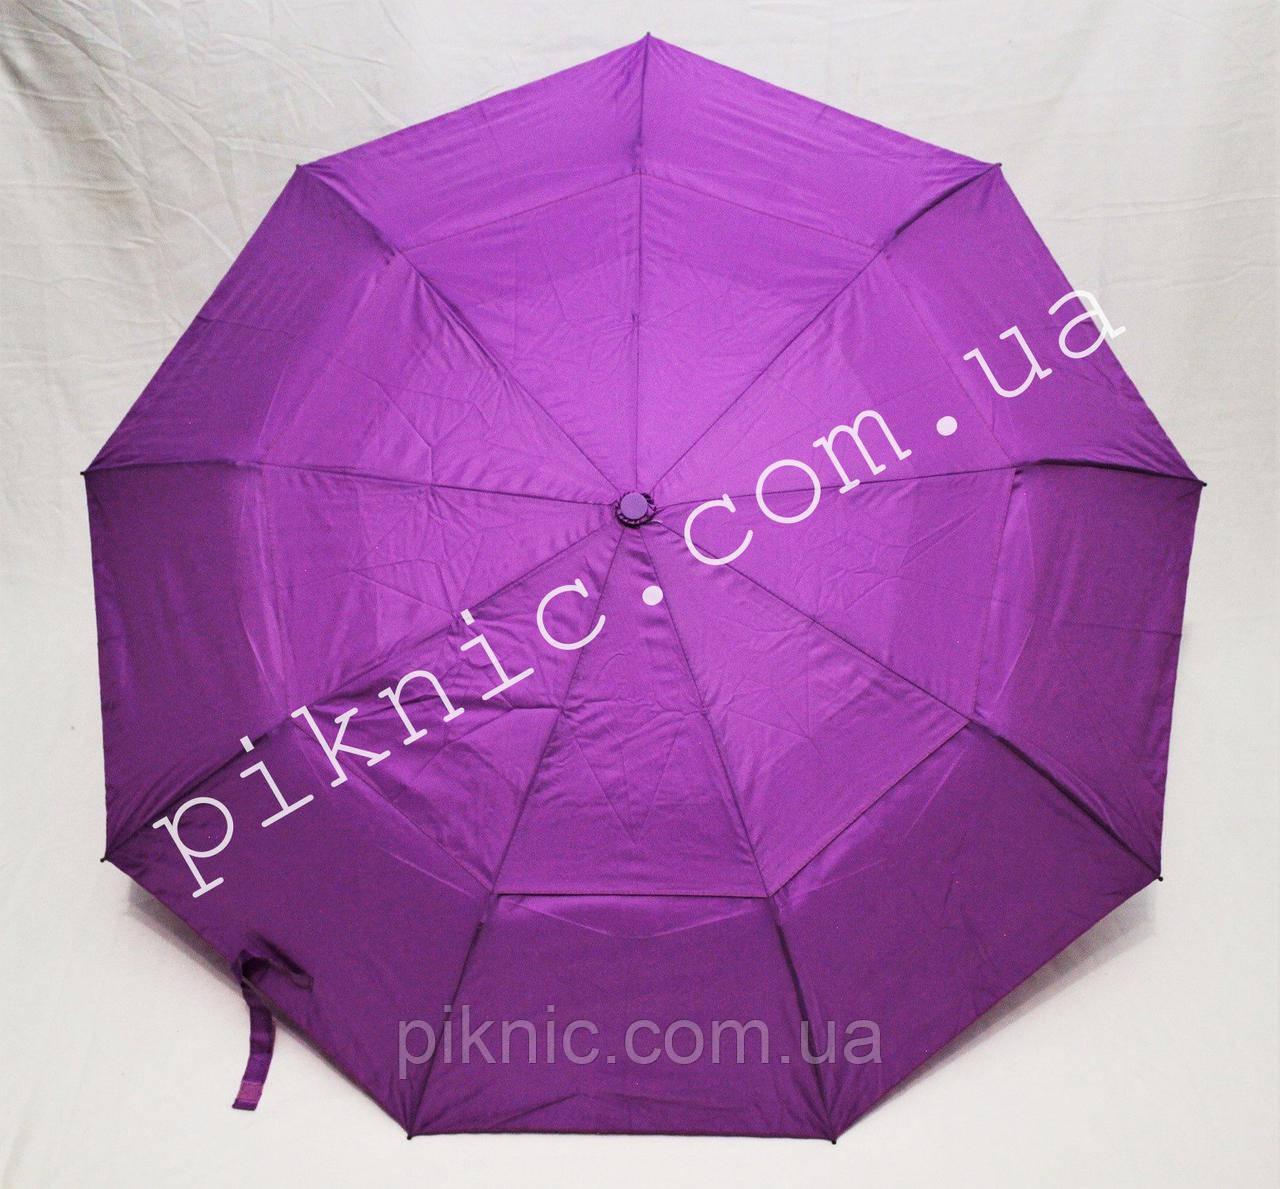 Женский зонт складной с ветровым клапаном полуавтомат. Зонтик от дождя. Фиолетовый